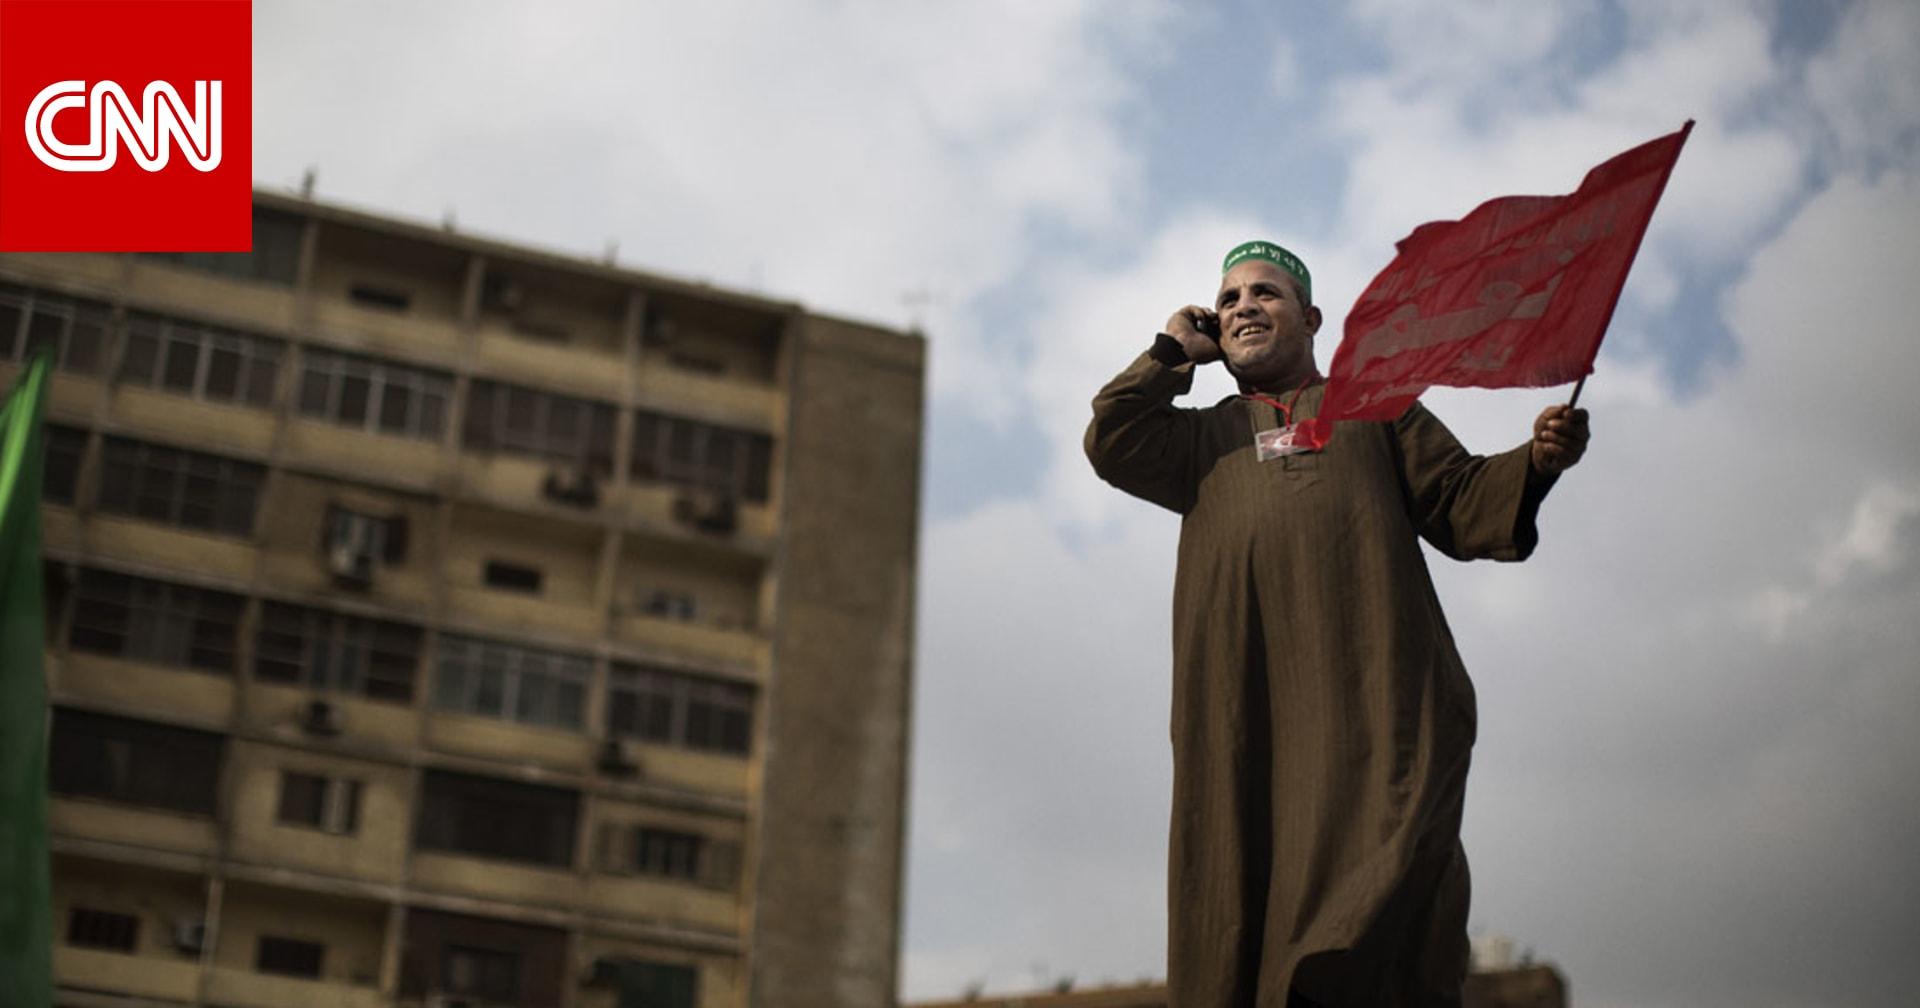 ثورة جديدة في مصر خدمة الدفع عبر الهاتف المحمول Cnn Arabic